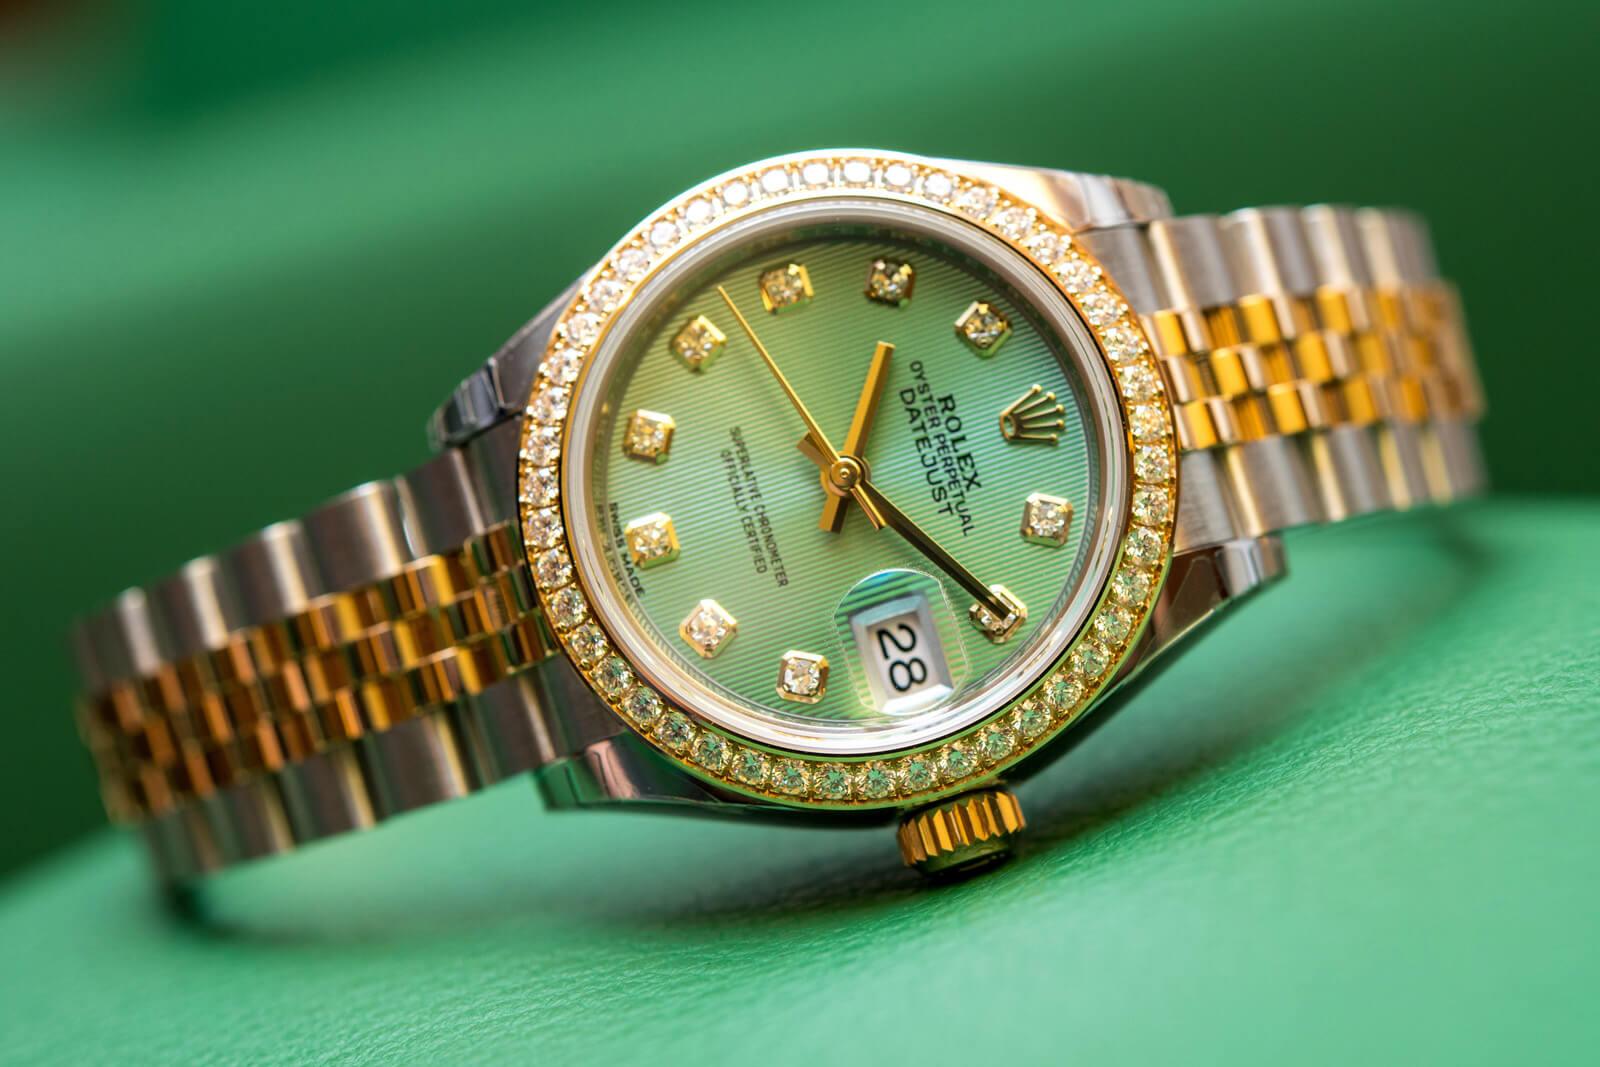 Rolex Lady-Datejust 28 - Mint brojčanik